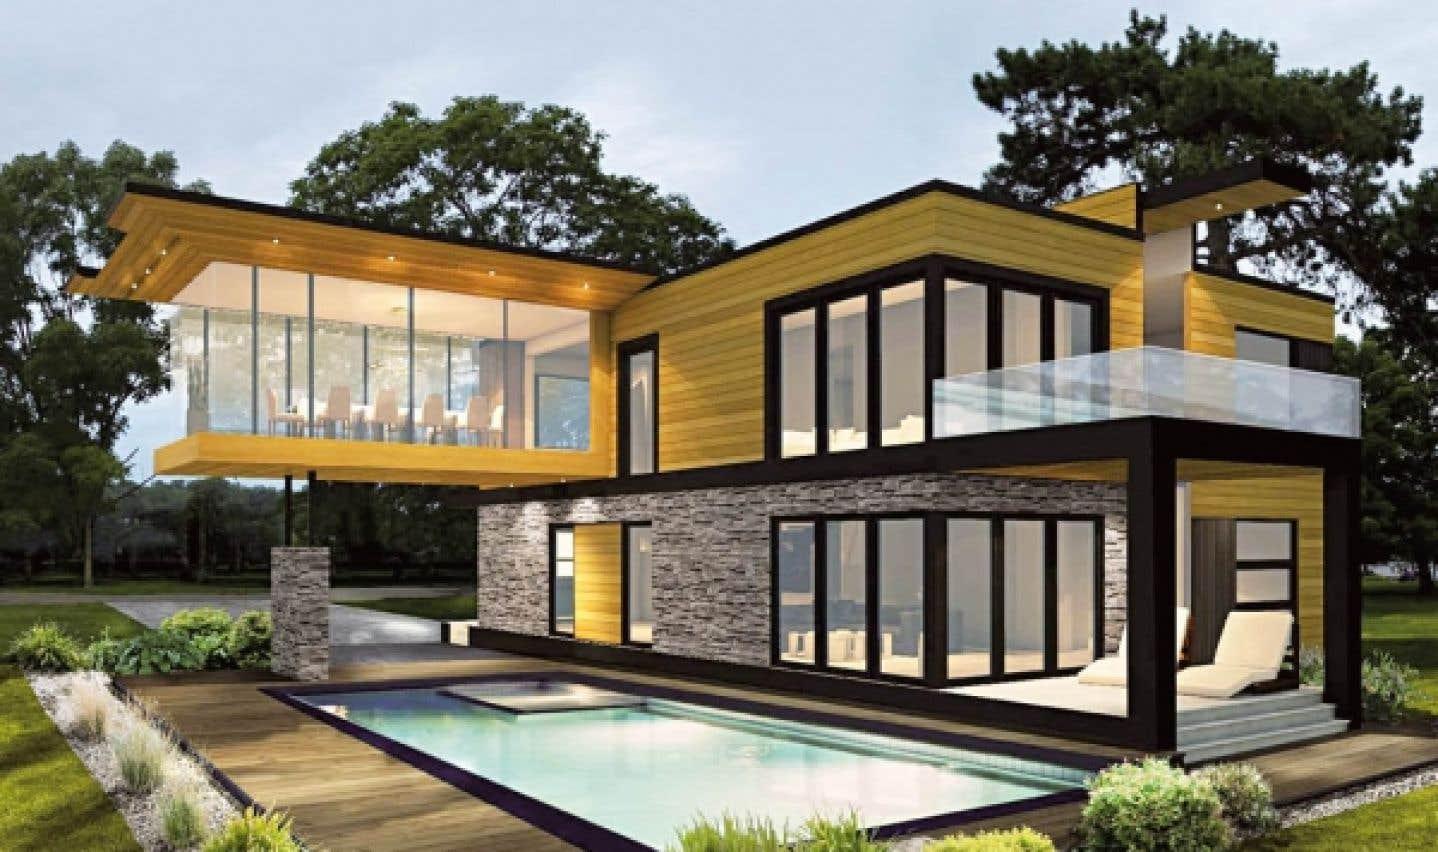 Le clou du Salon est la maison assemblée en dix jours seulement. Il s'agit cette année d'une maison modulaire aux allures scandinaves, proposée par Marquis Concept.